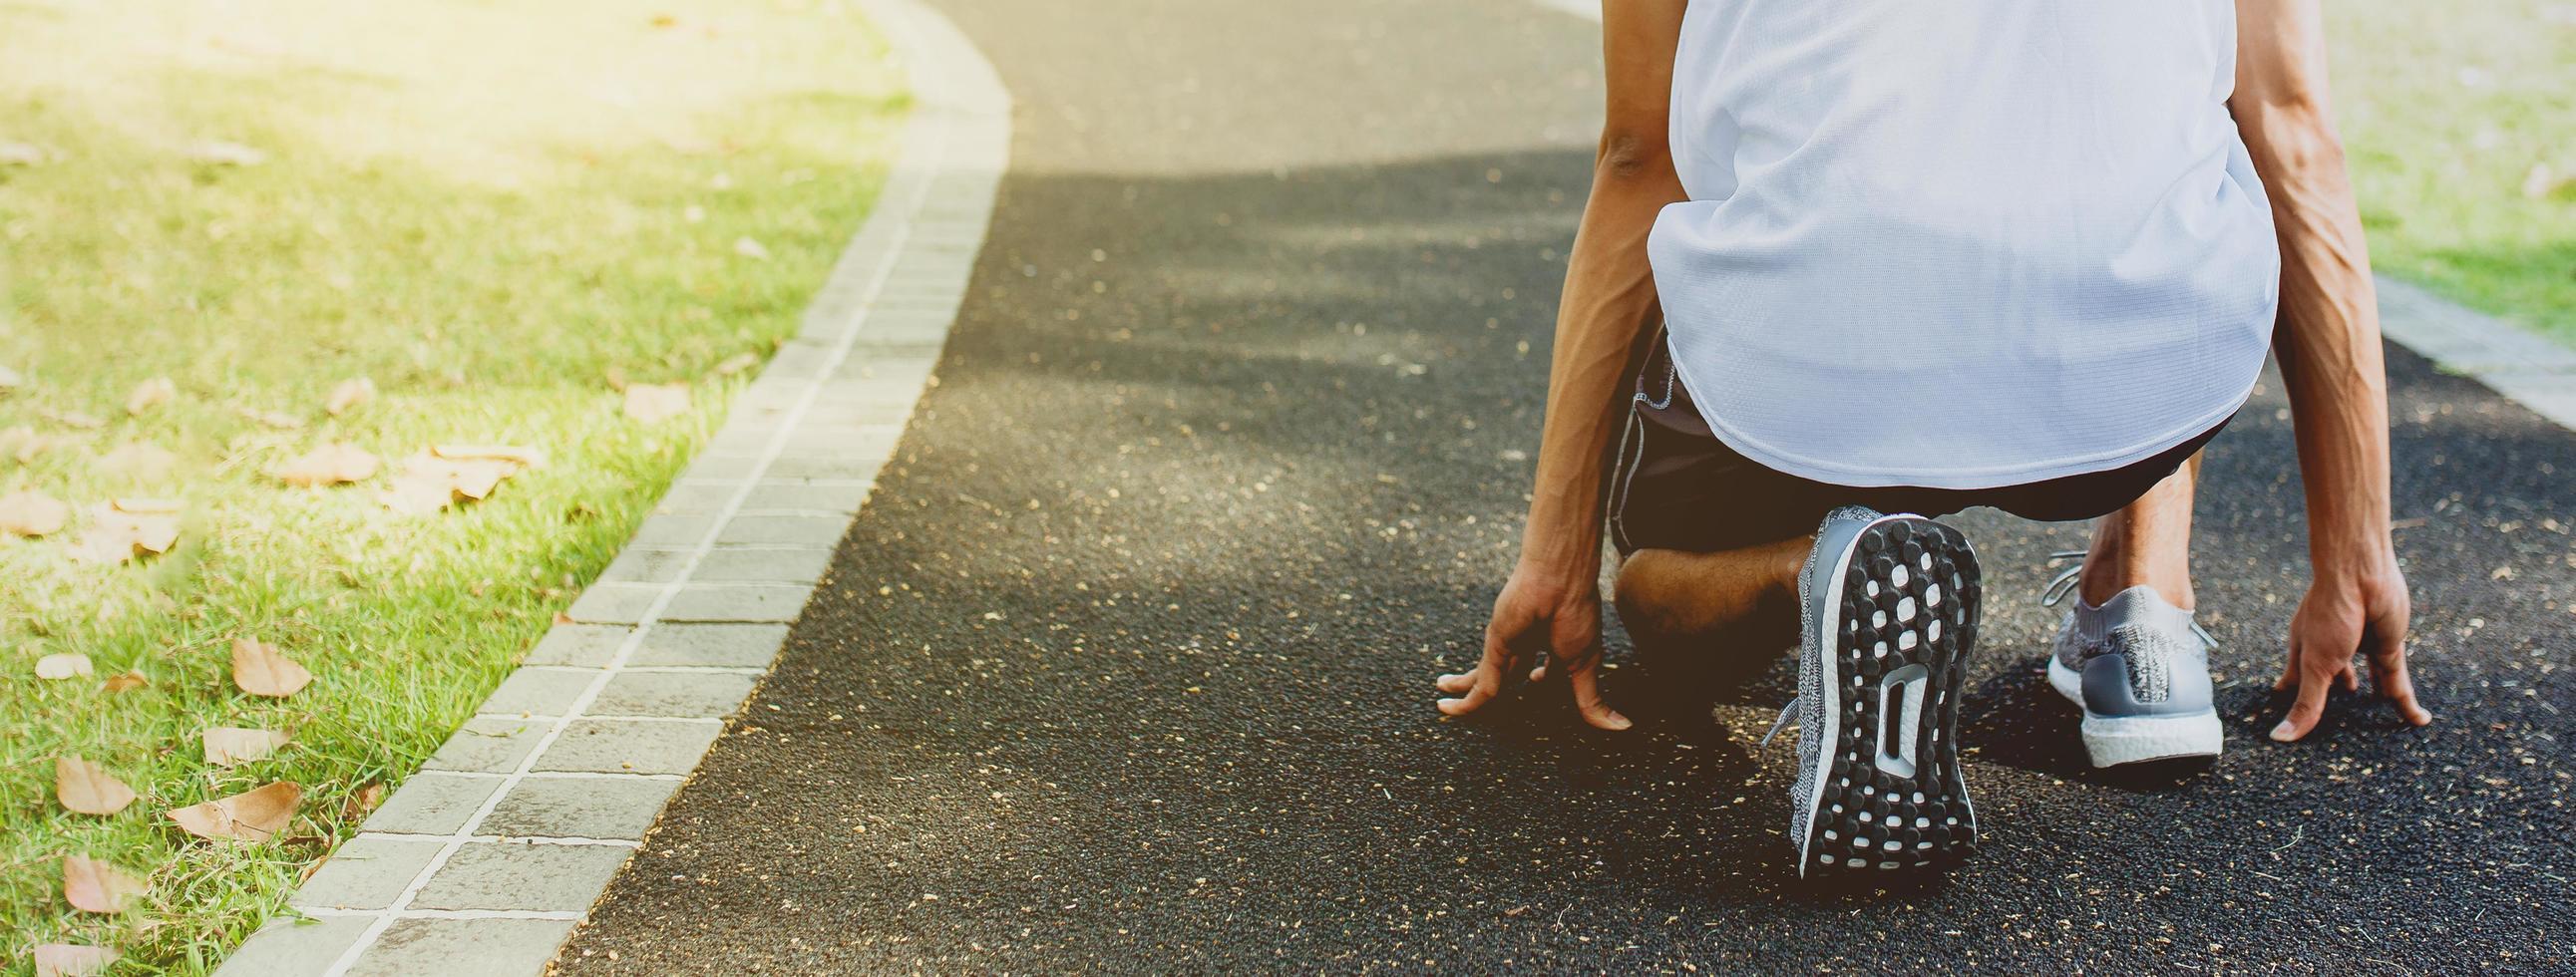 atleet in het runnen van start pose in openbaar park foto